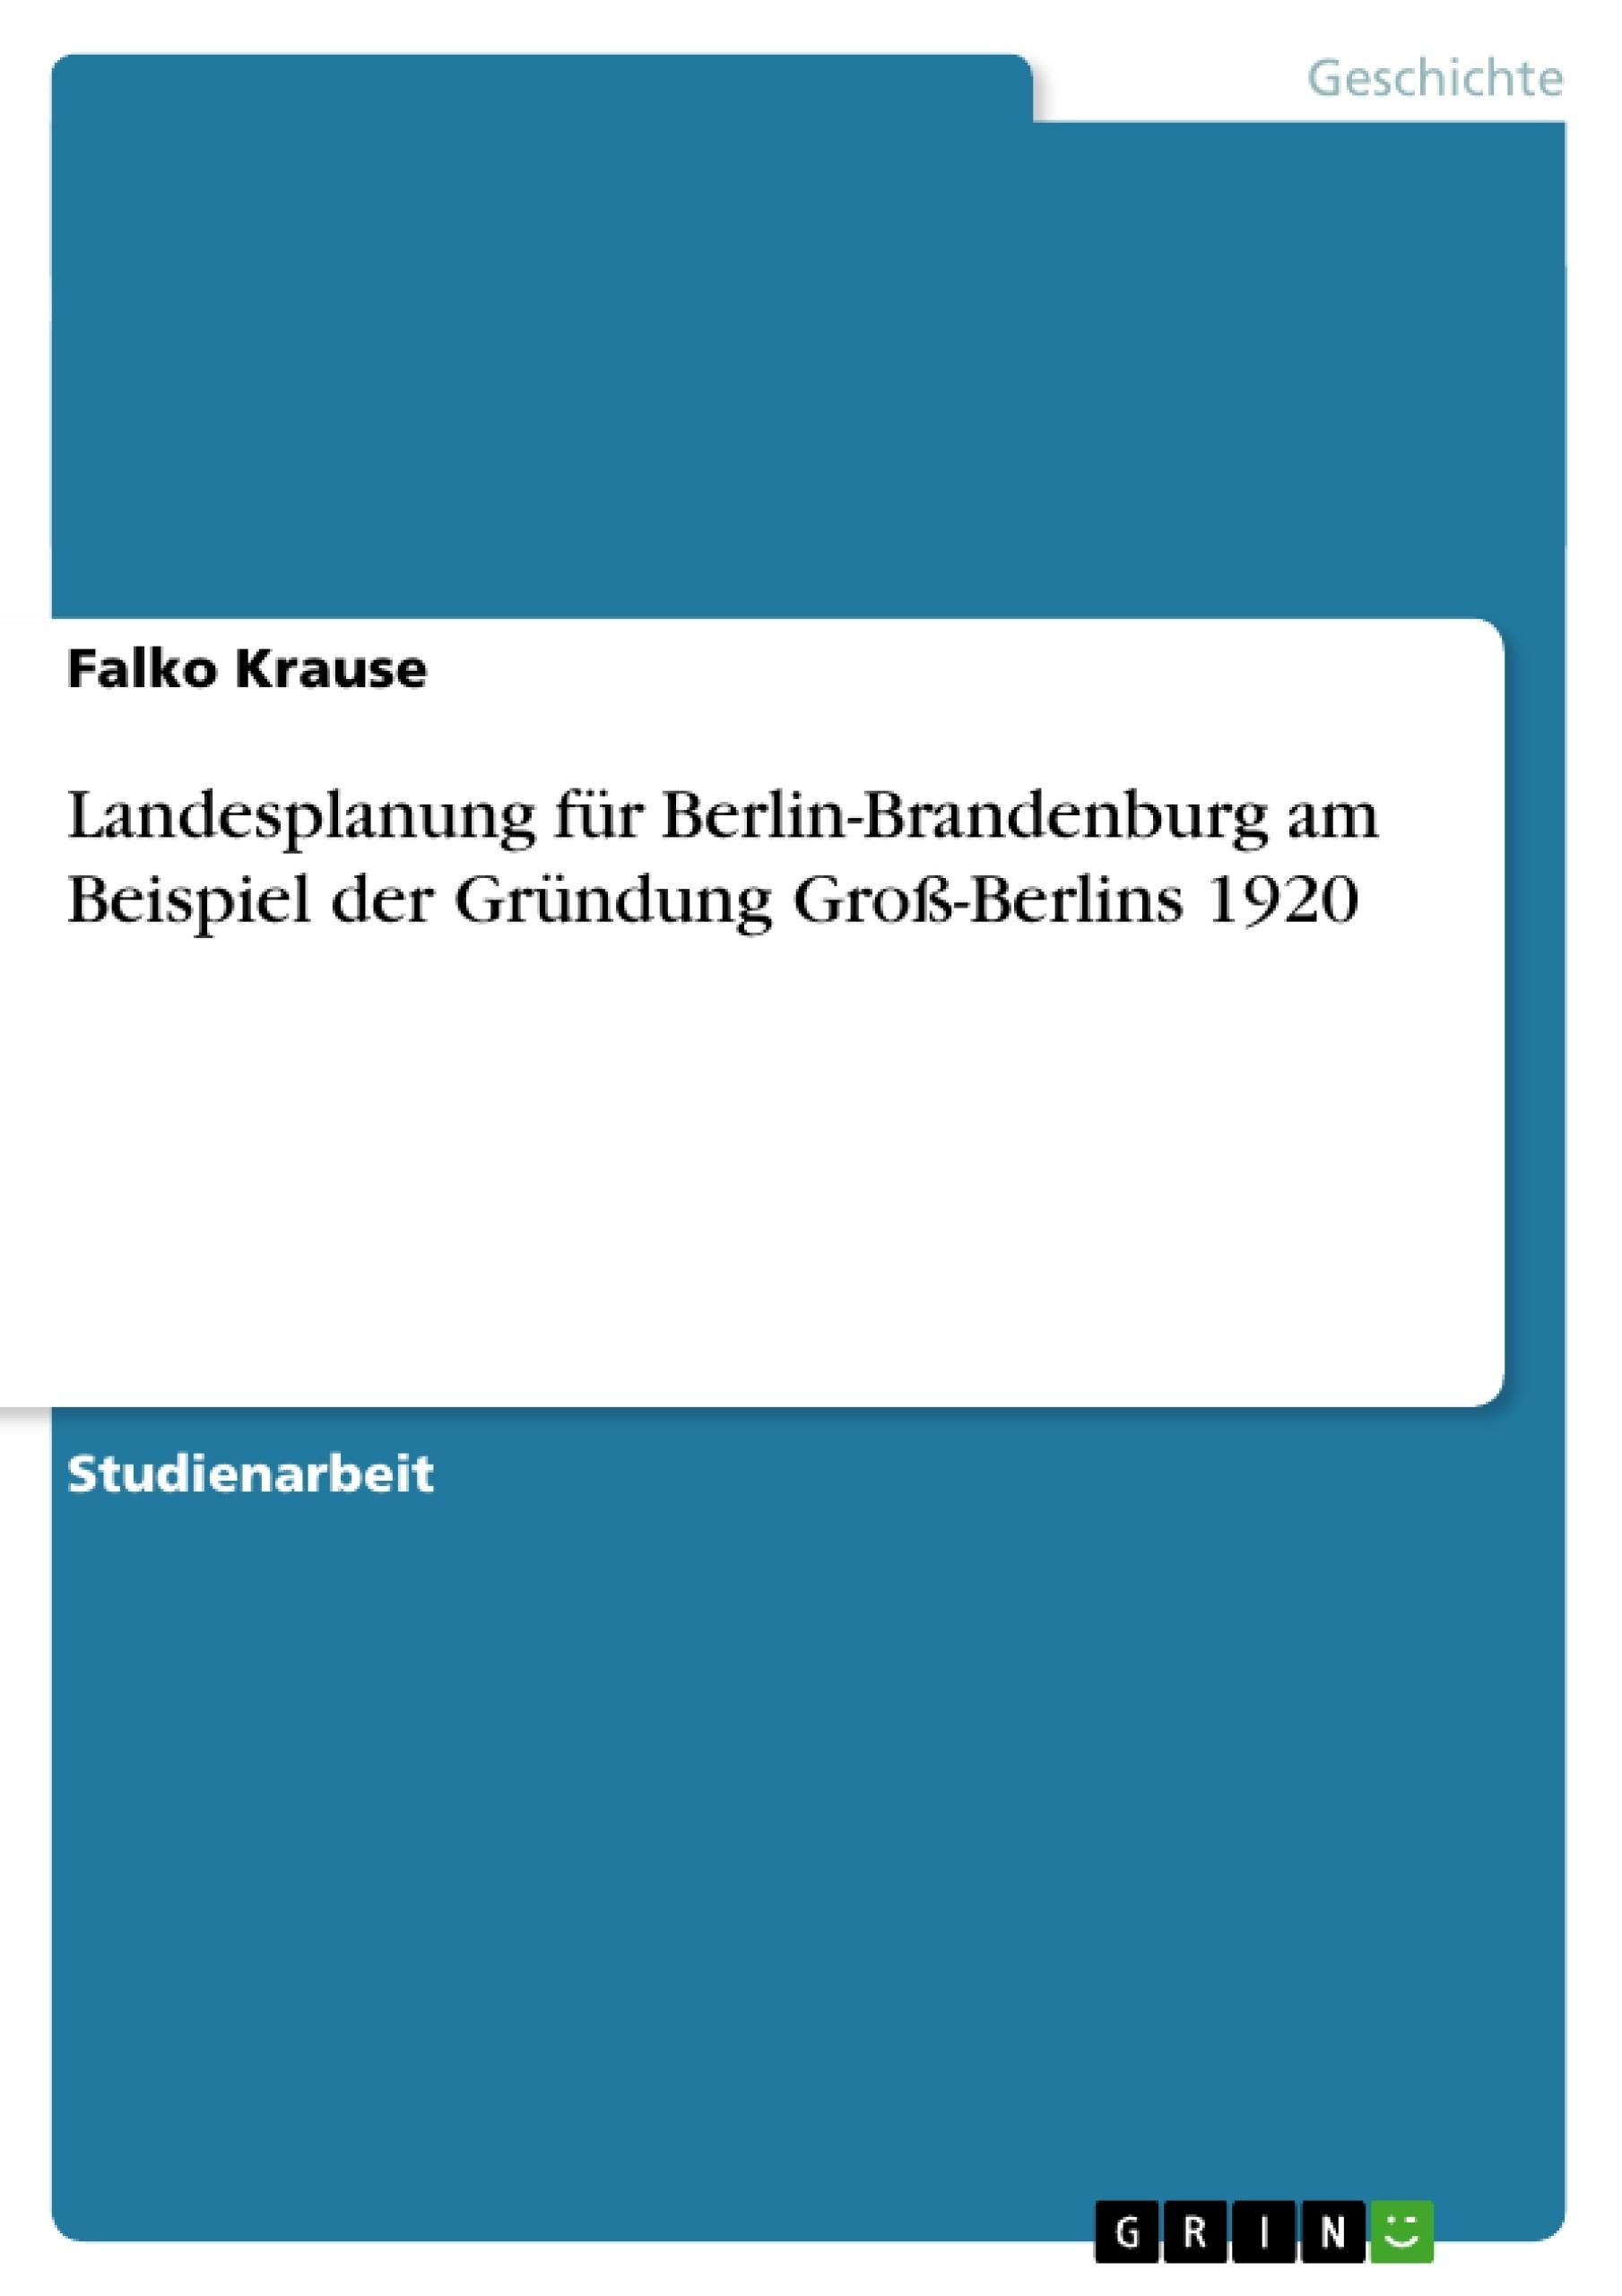 Titel: Landesplanung für Berlin-Brandenburg am Beispiel der Gründung Groß-Berlins 1920